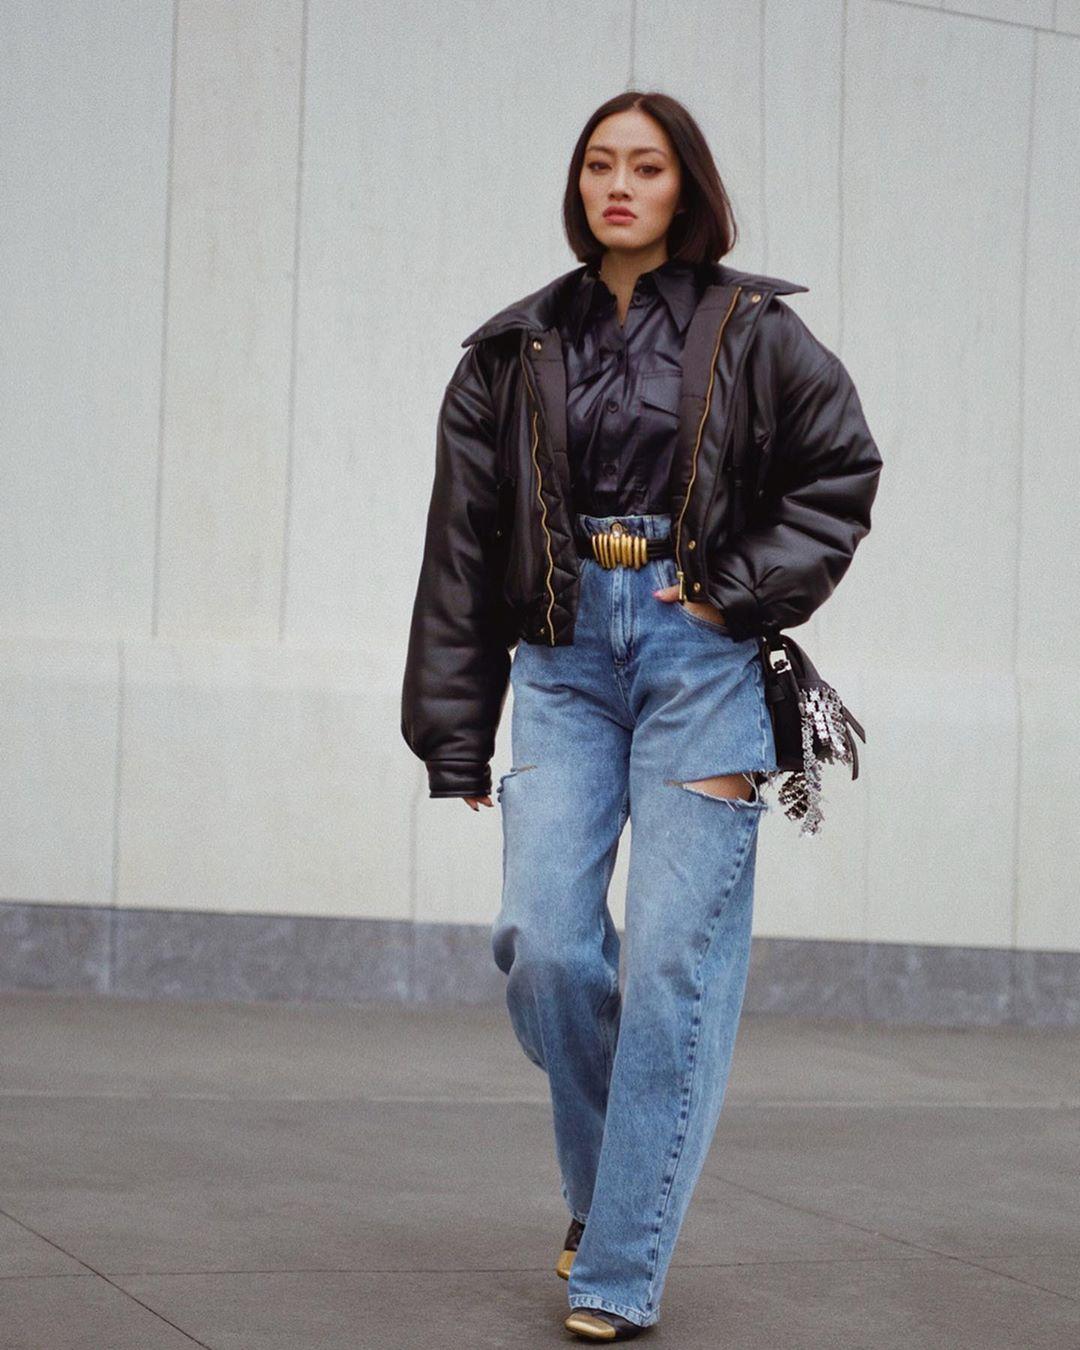 Tiffany-Hsu-Wallpapers-Insta-Fit-Bio-5